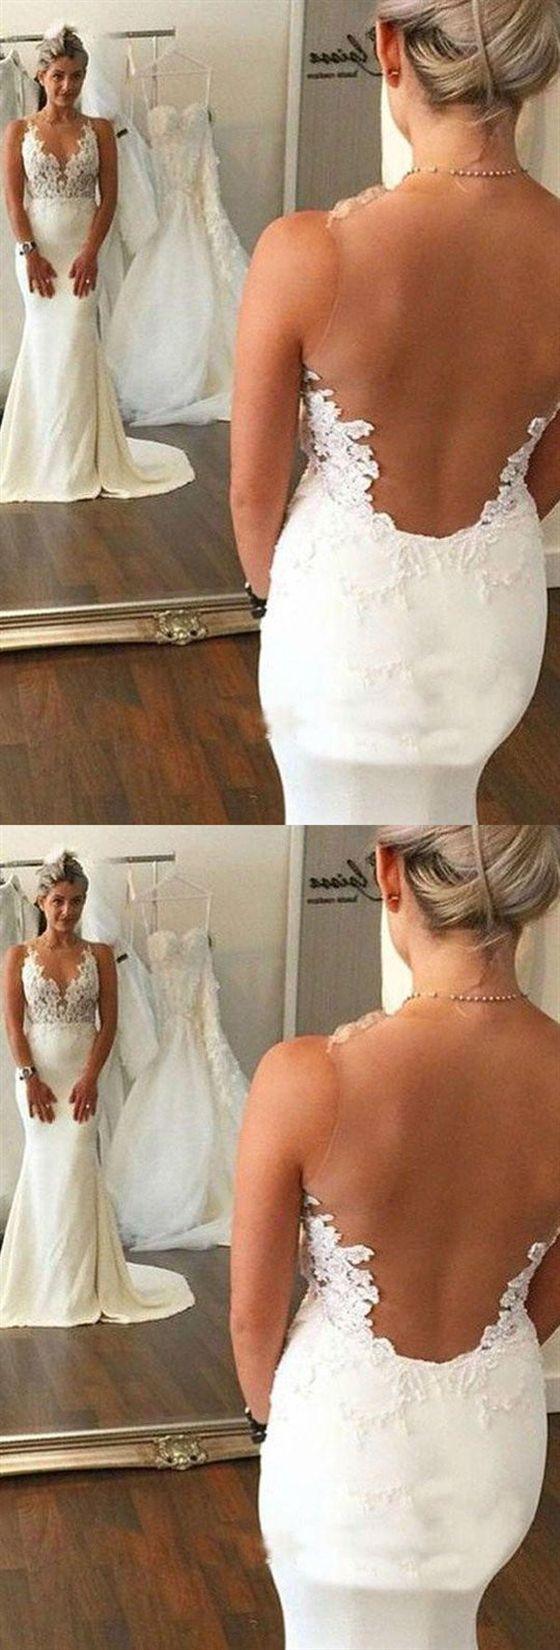 V-Ausschnitt Strap Open Back Mermaid Satin Brautkleider Best Bride Gown